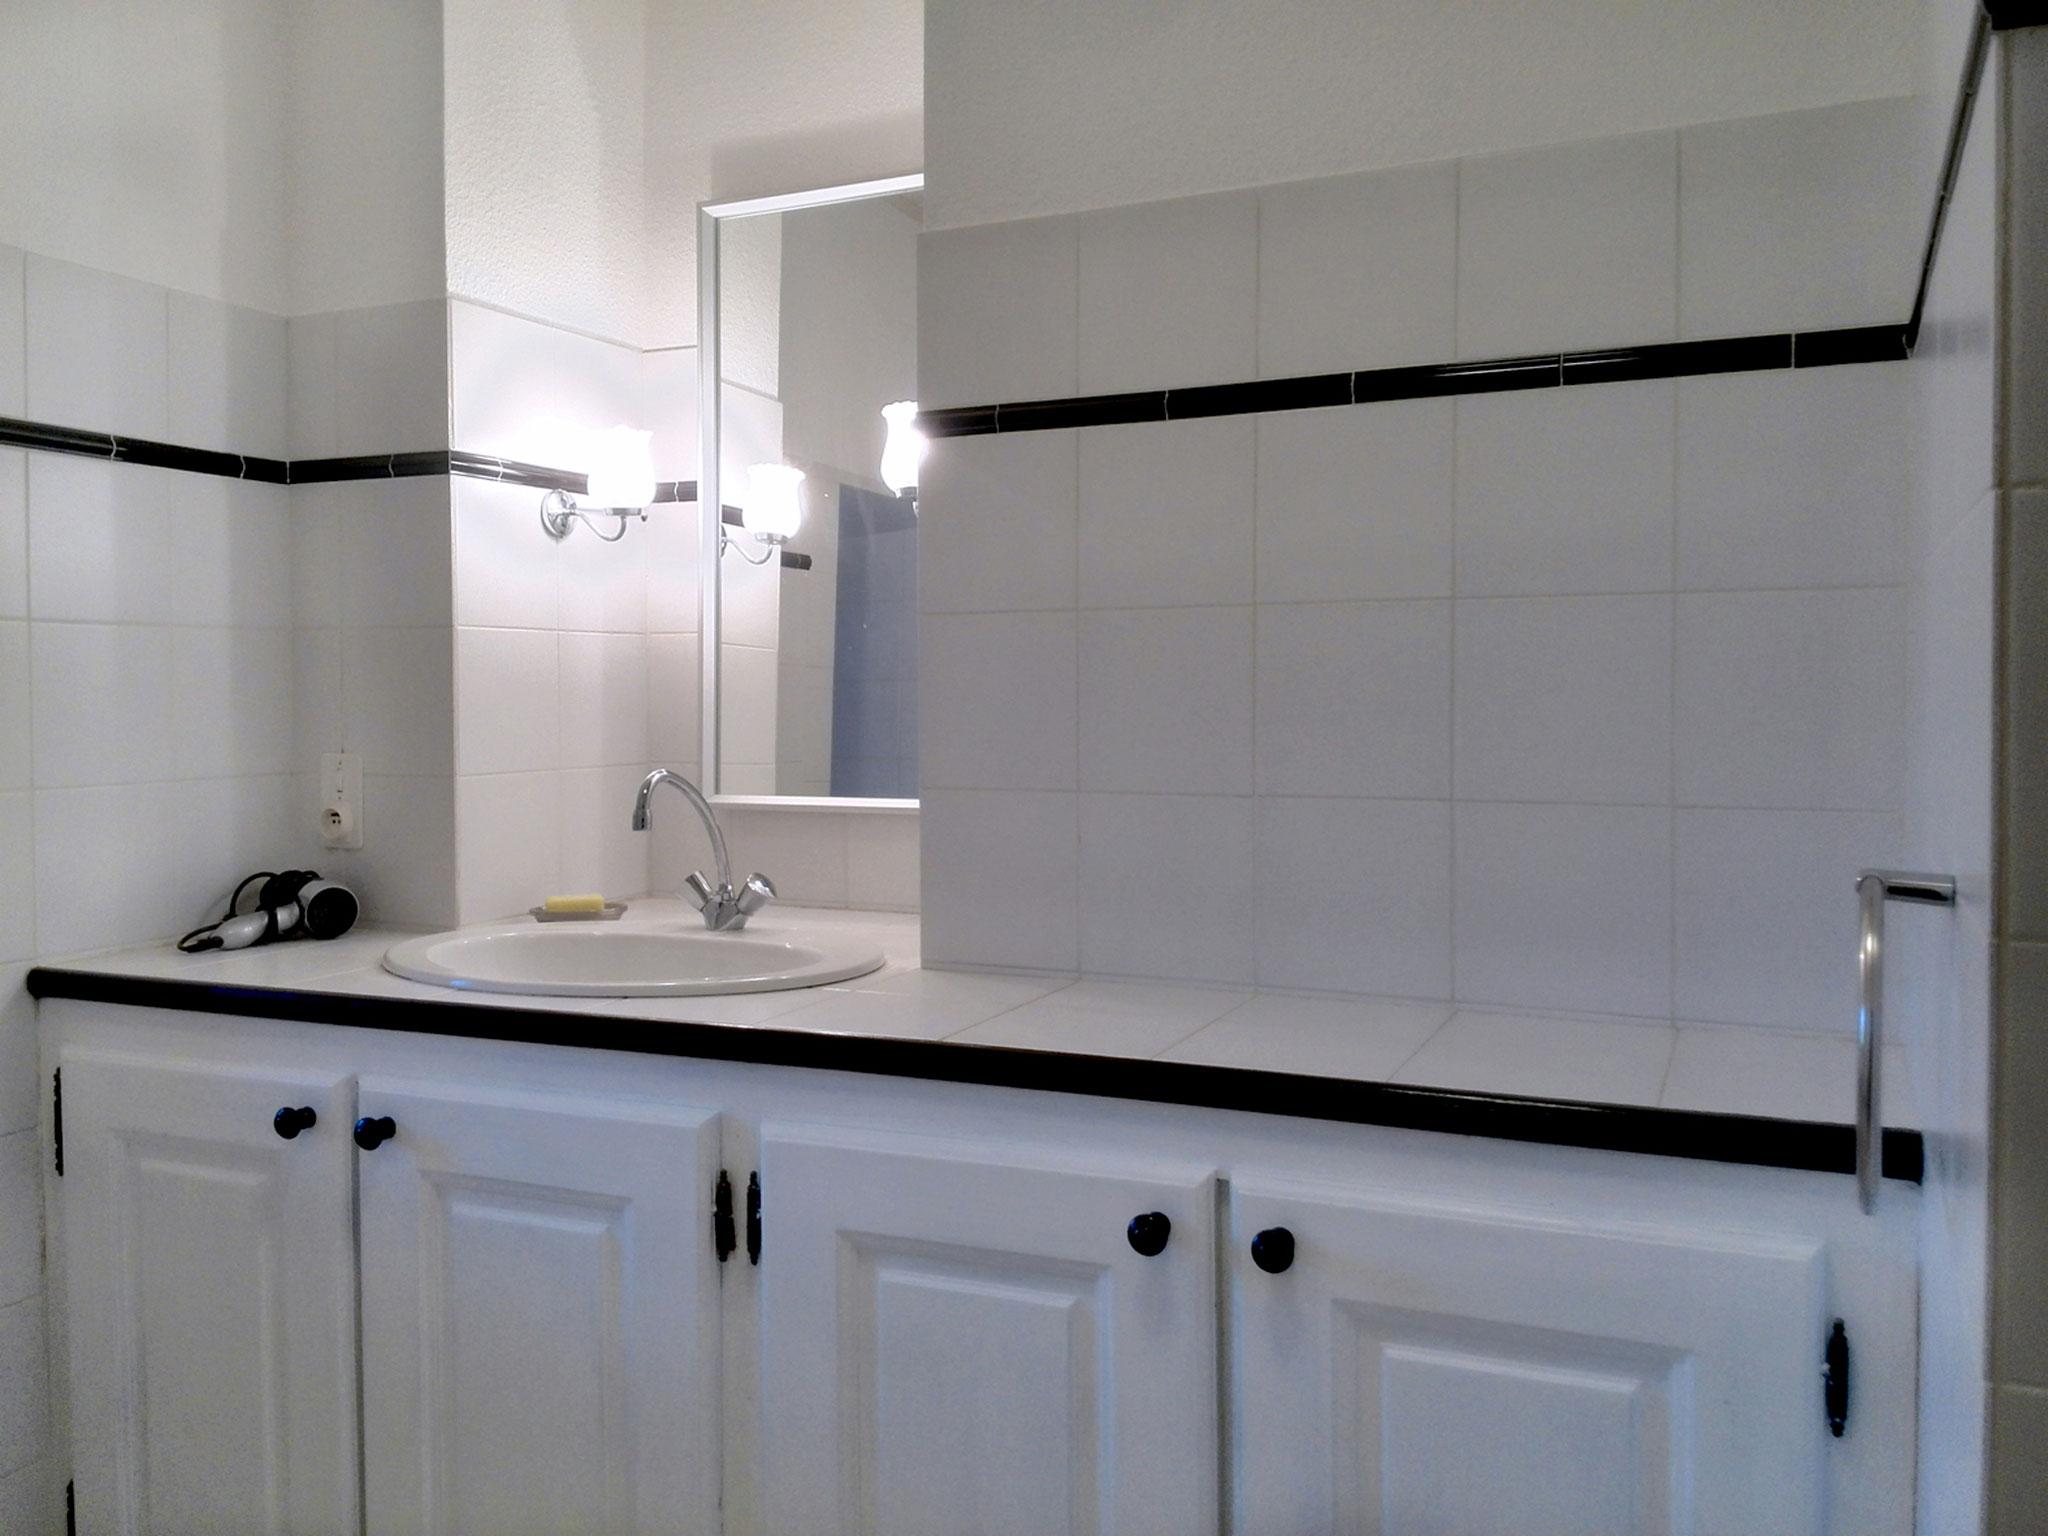 Badezimmer mit Dusche und Waschmaschine, zweites Bad mit gleicher Ausstattung